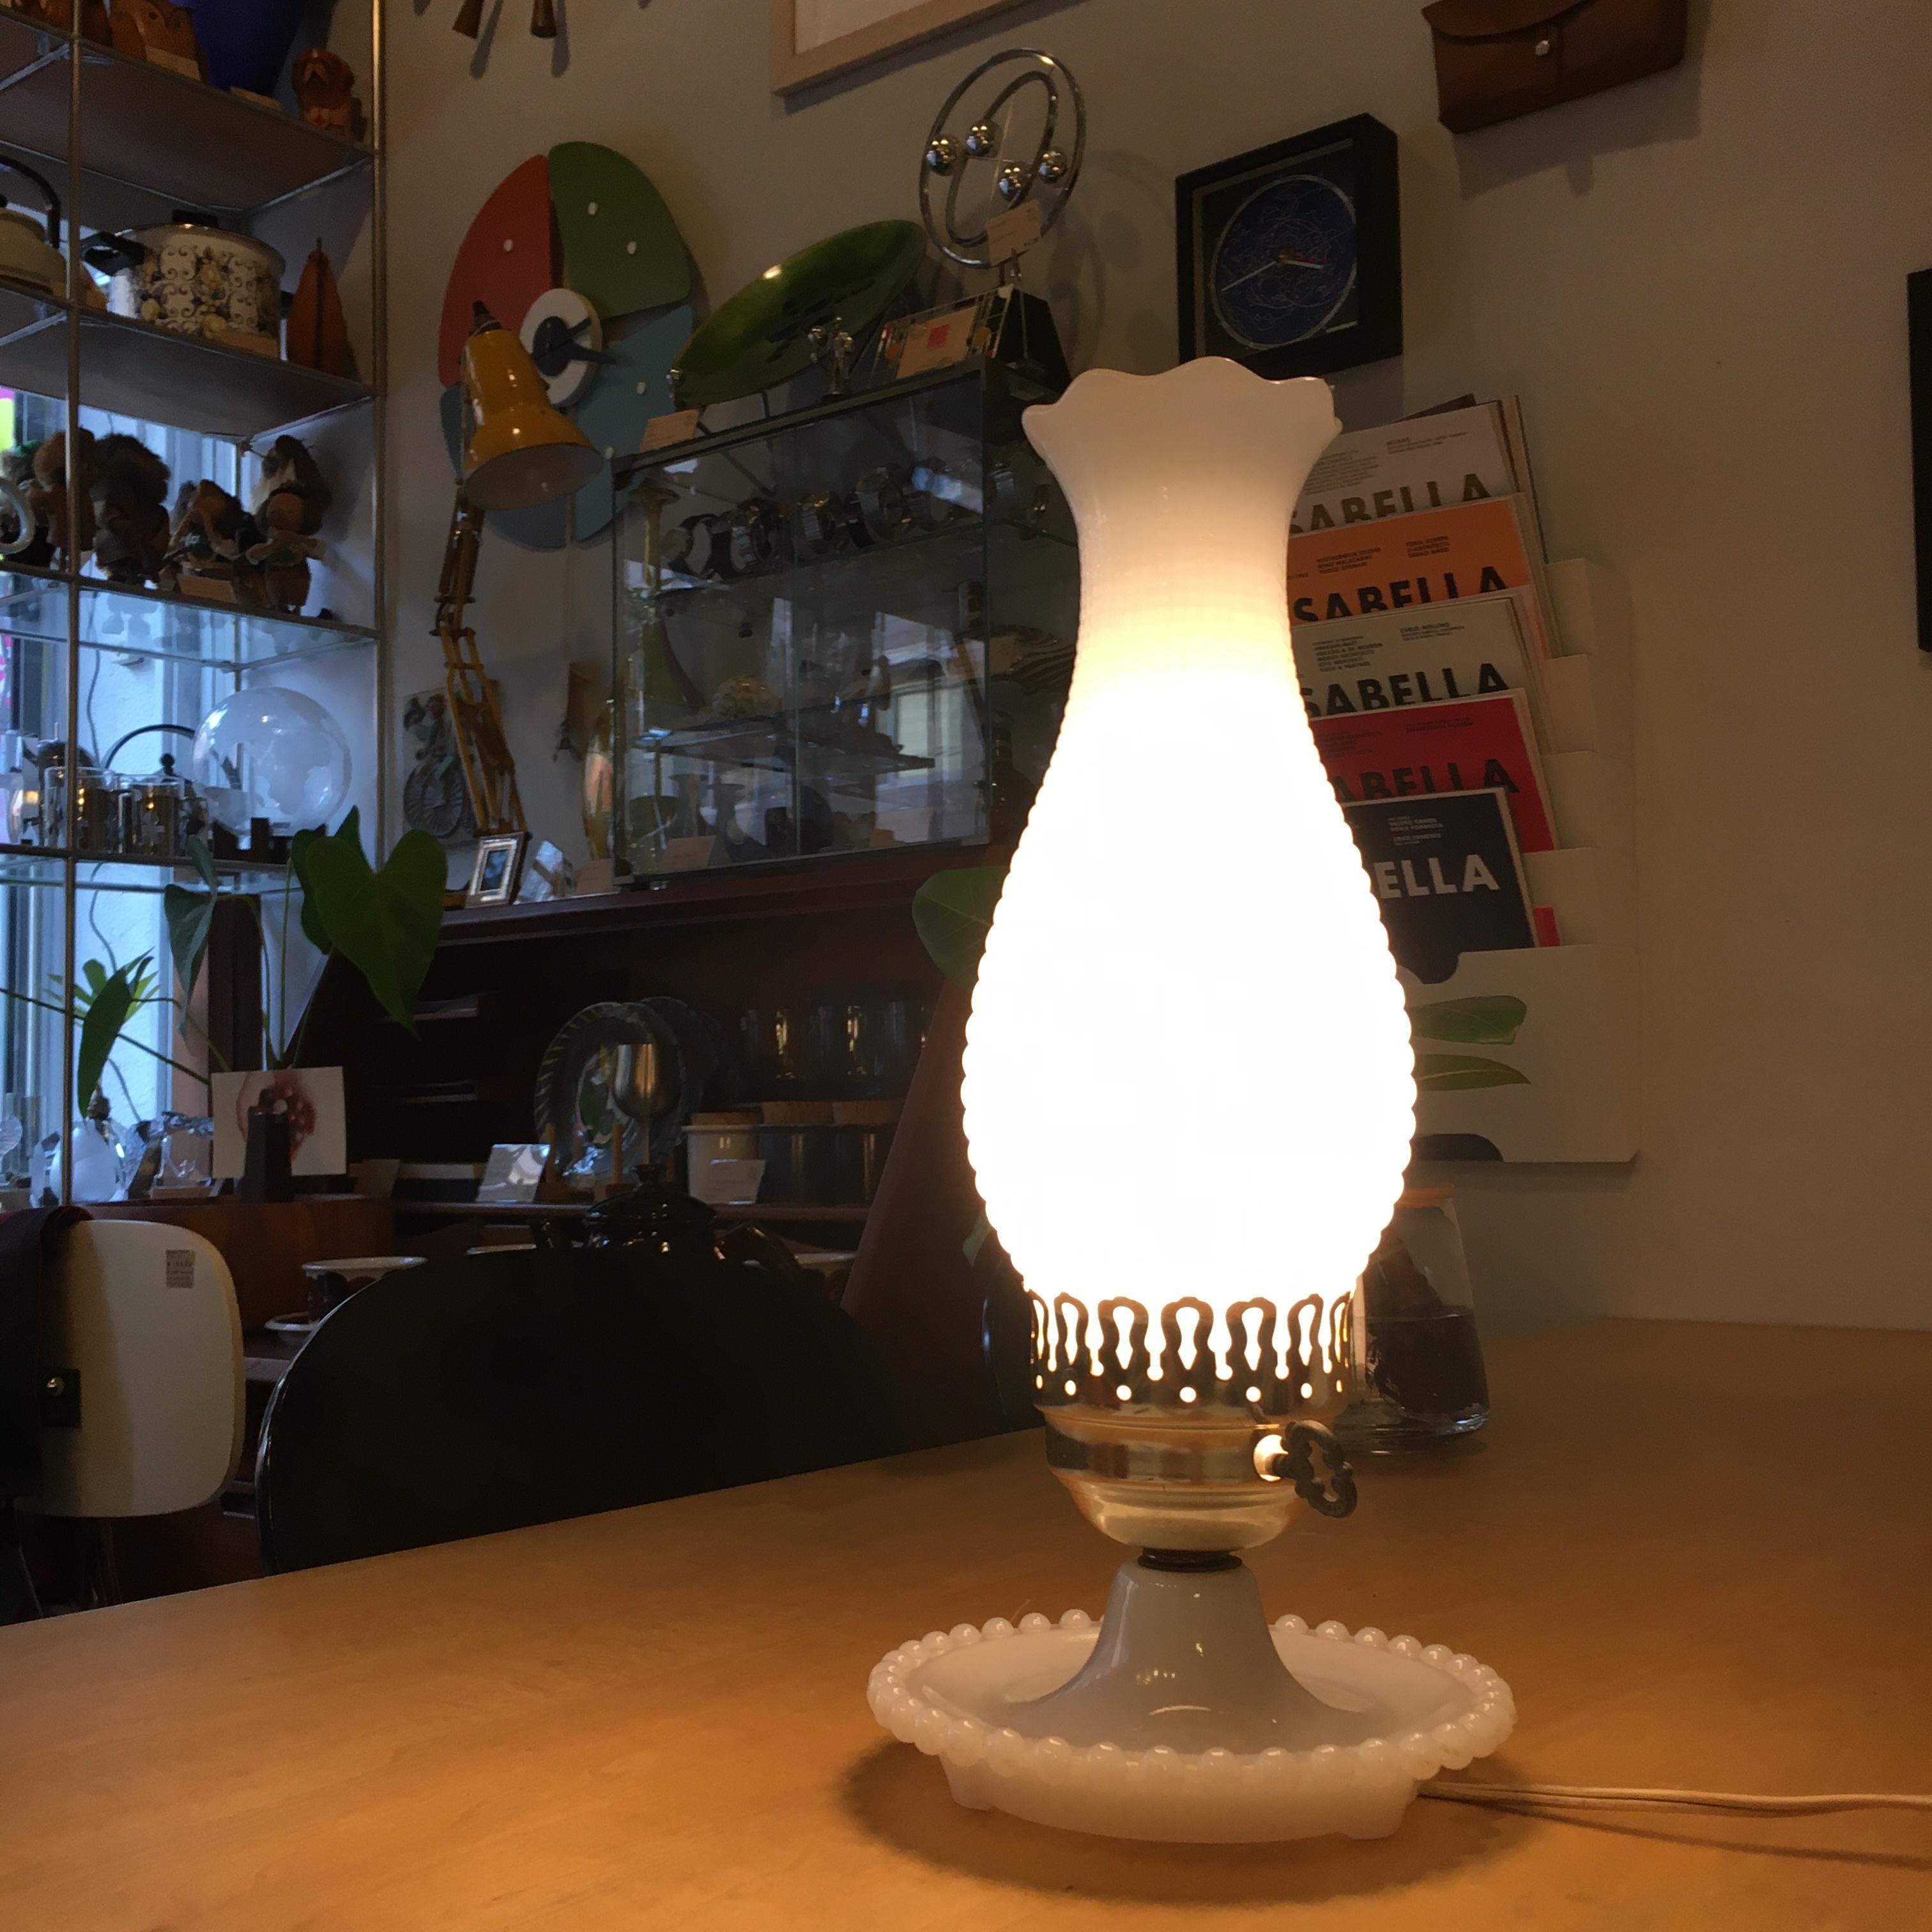 USA ヴィンテージ ホブネイル ミルクガラス テーブルランプ